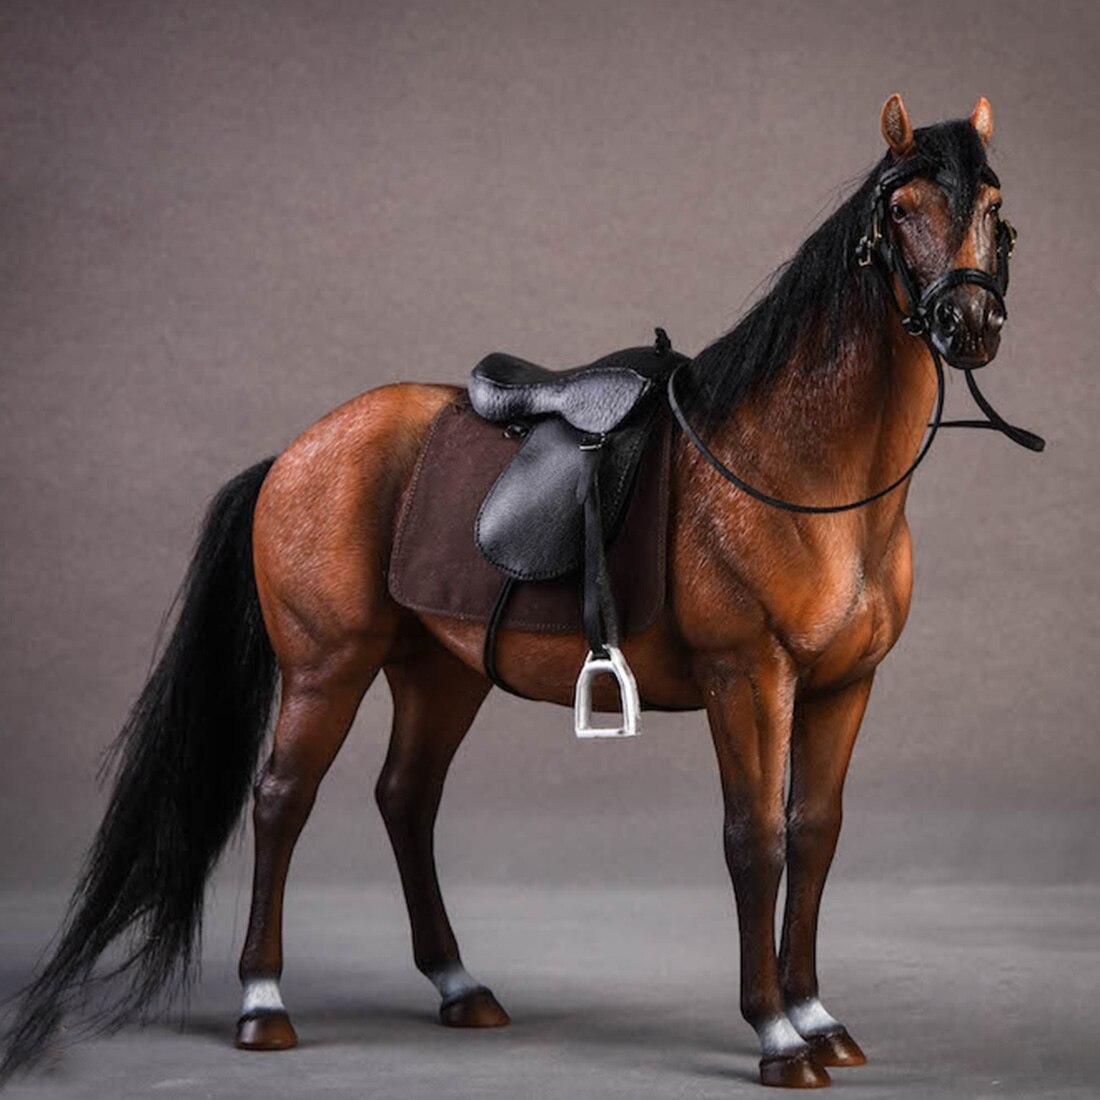 NFSTRIKE 20cm 1/12 echelle allemagne hanovre modèle à sang chaud décoration cheval echelle accessoires-marron clair